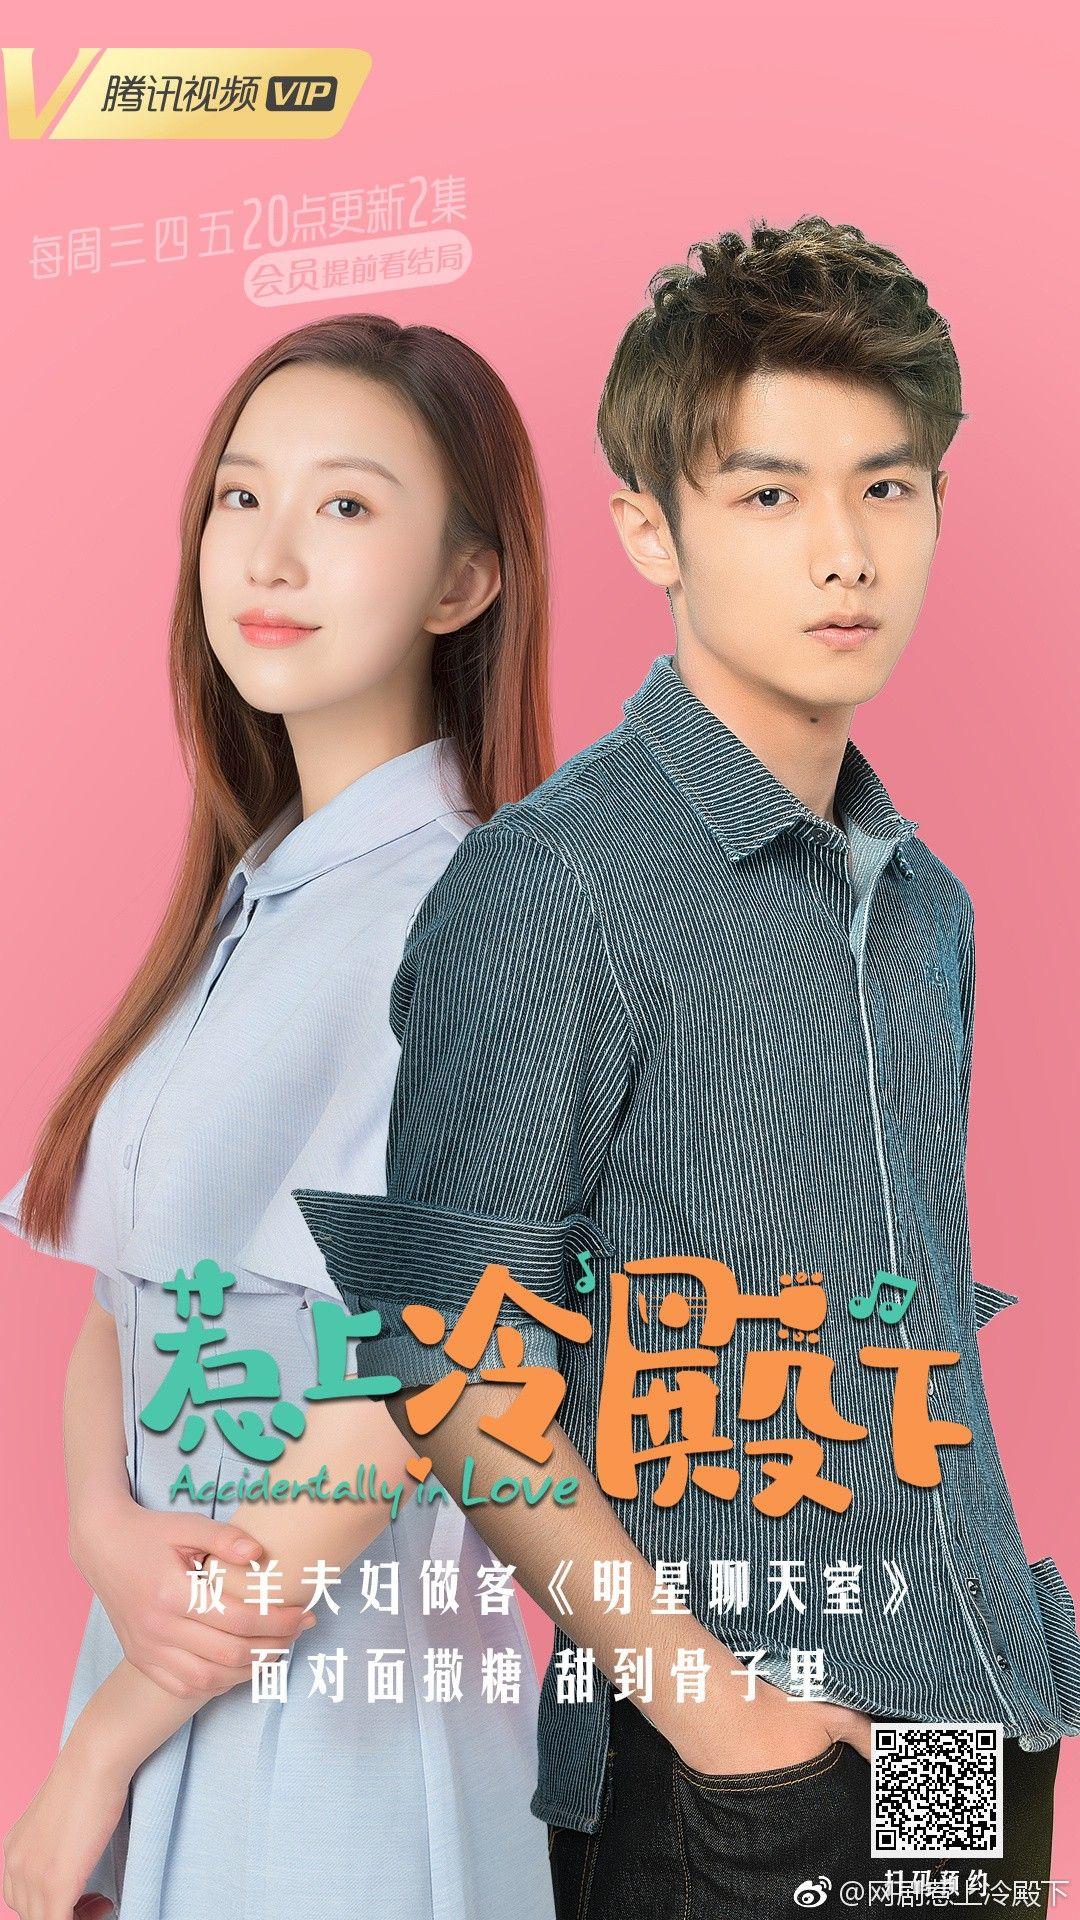 Hong kong chinese sex movies